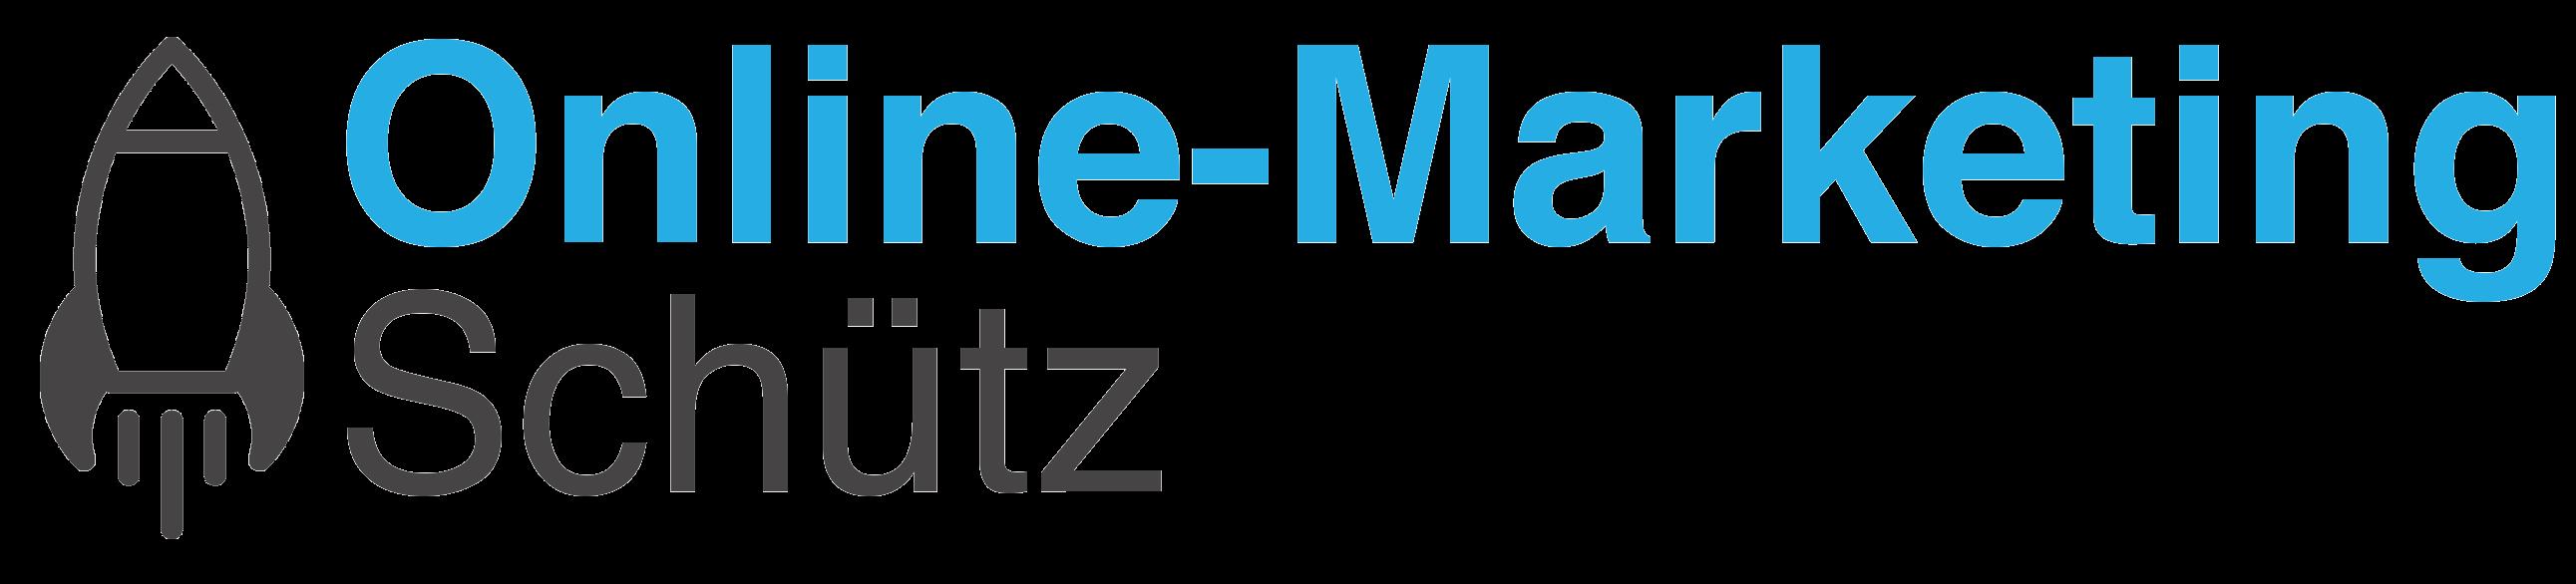 Online-Marketing Schütz